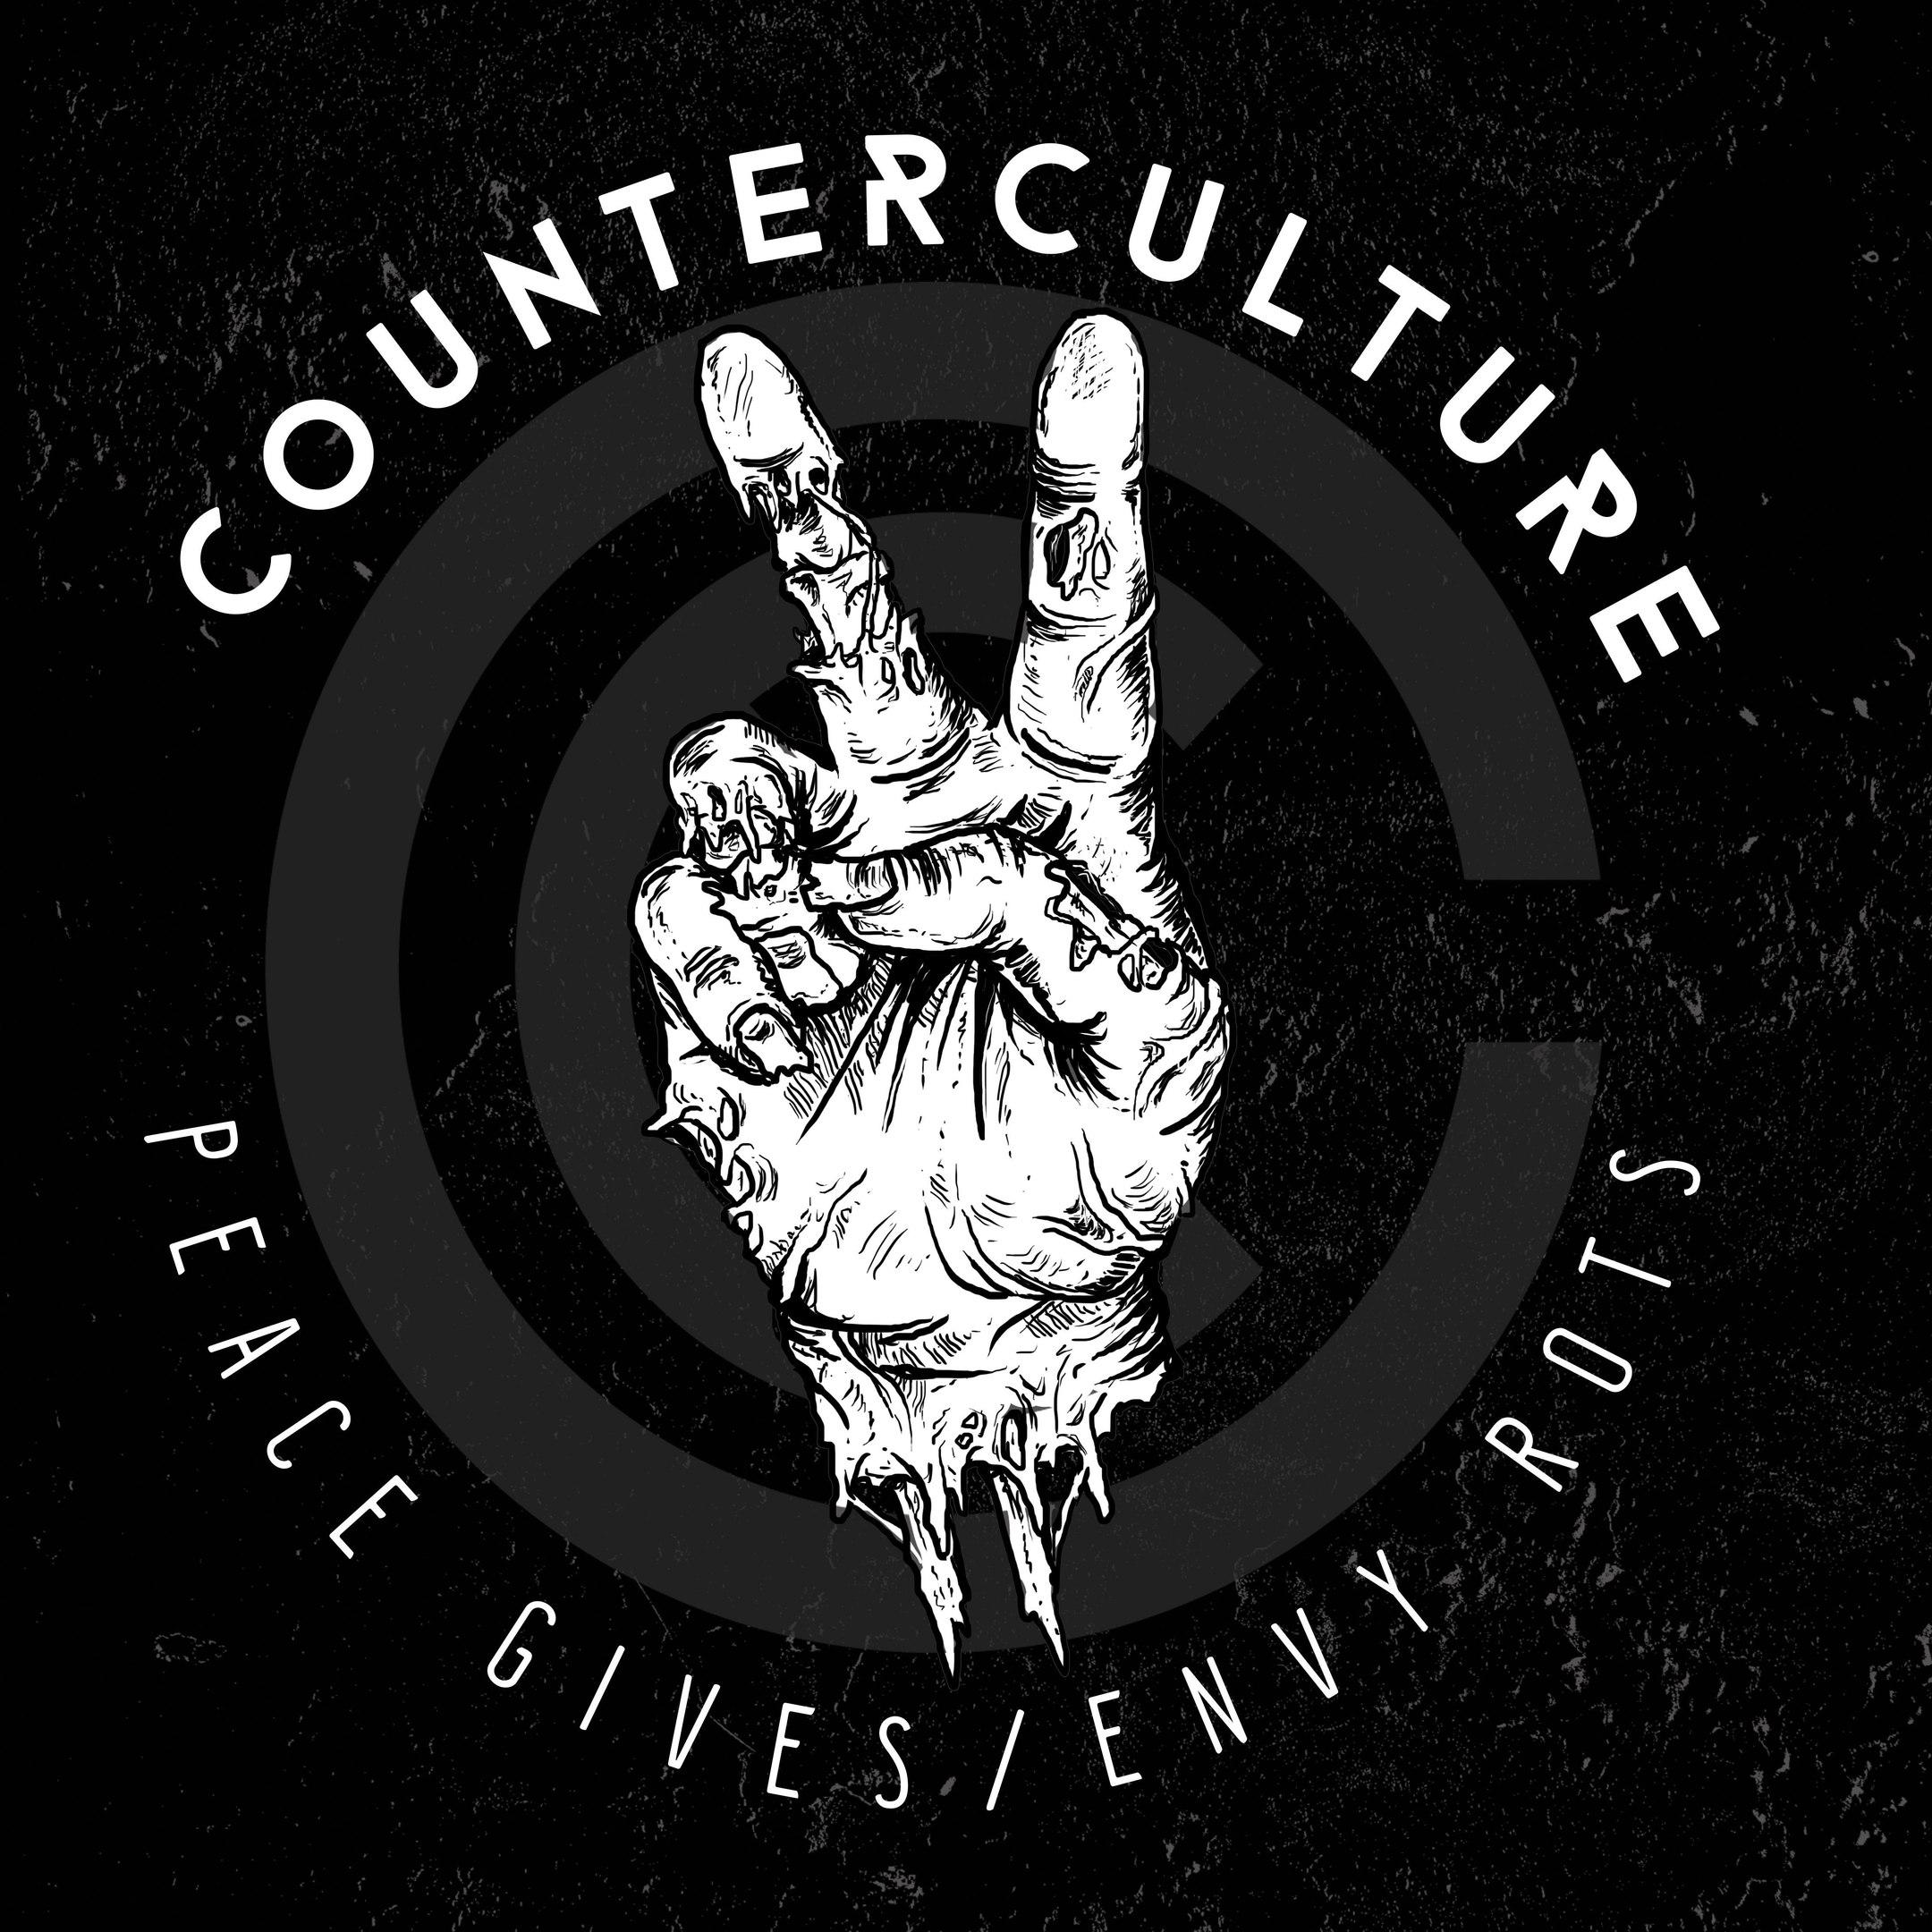 Counterculture - O.E.C. [single] (2015)